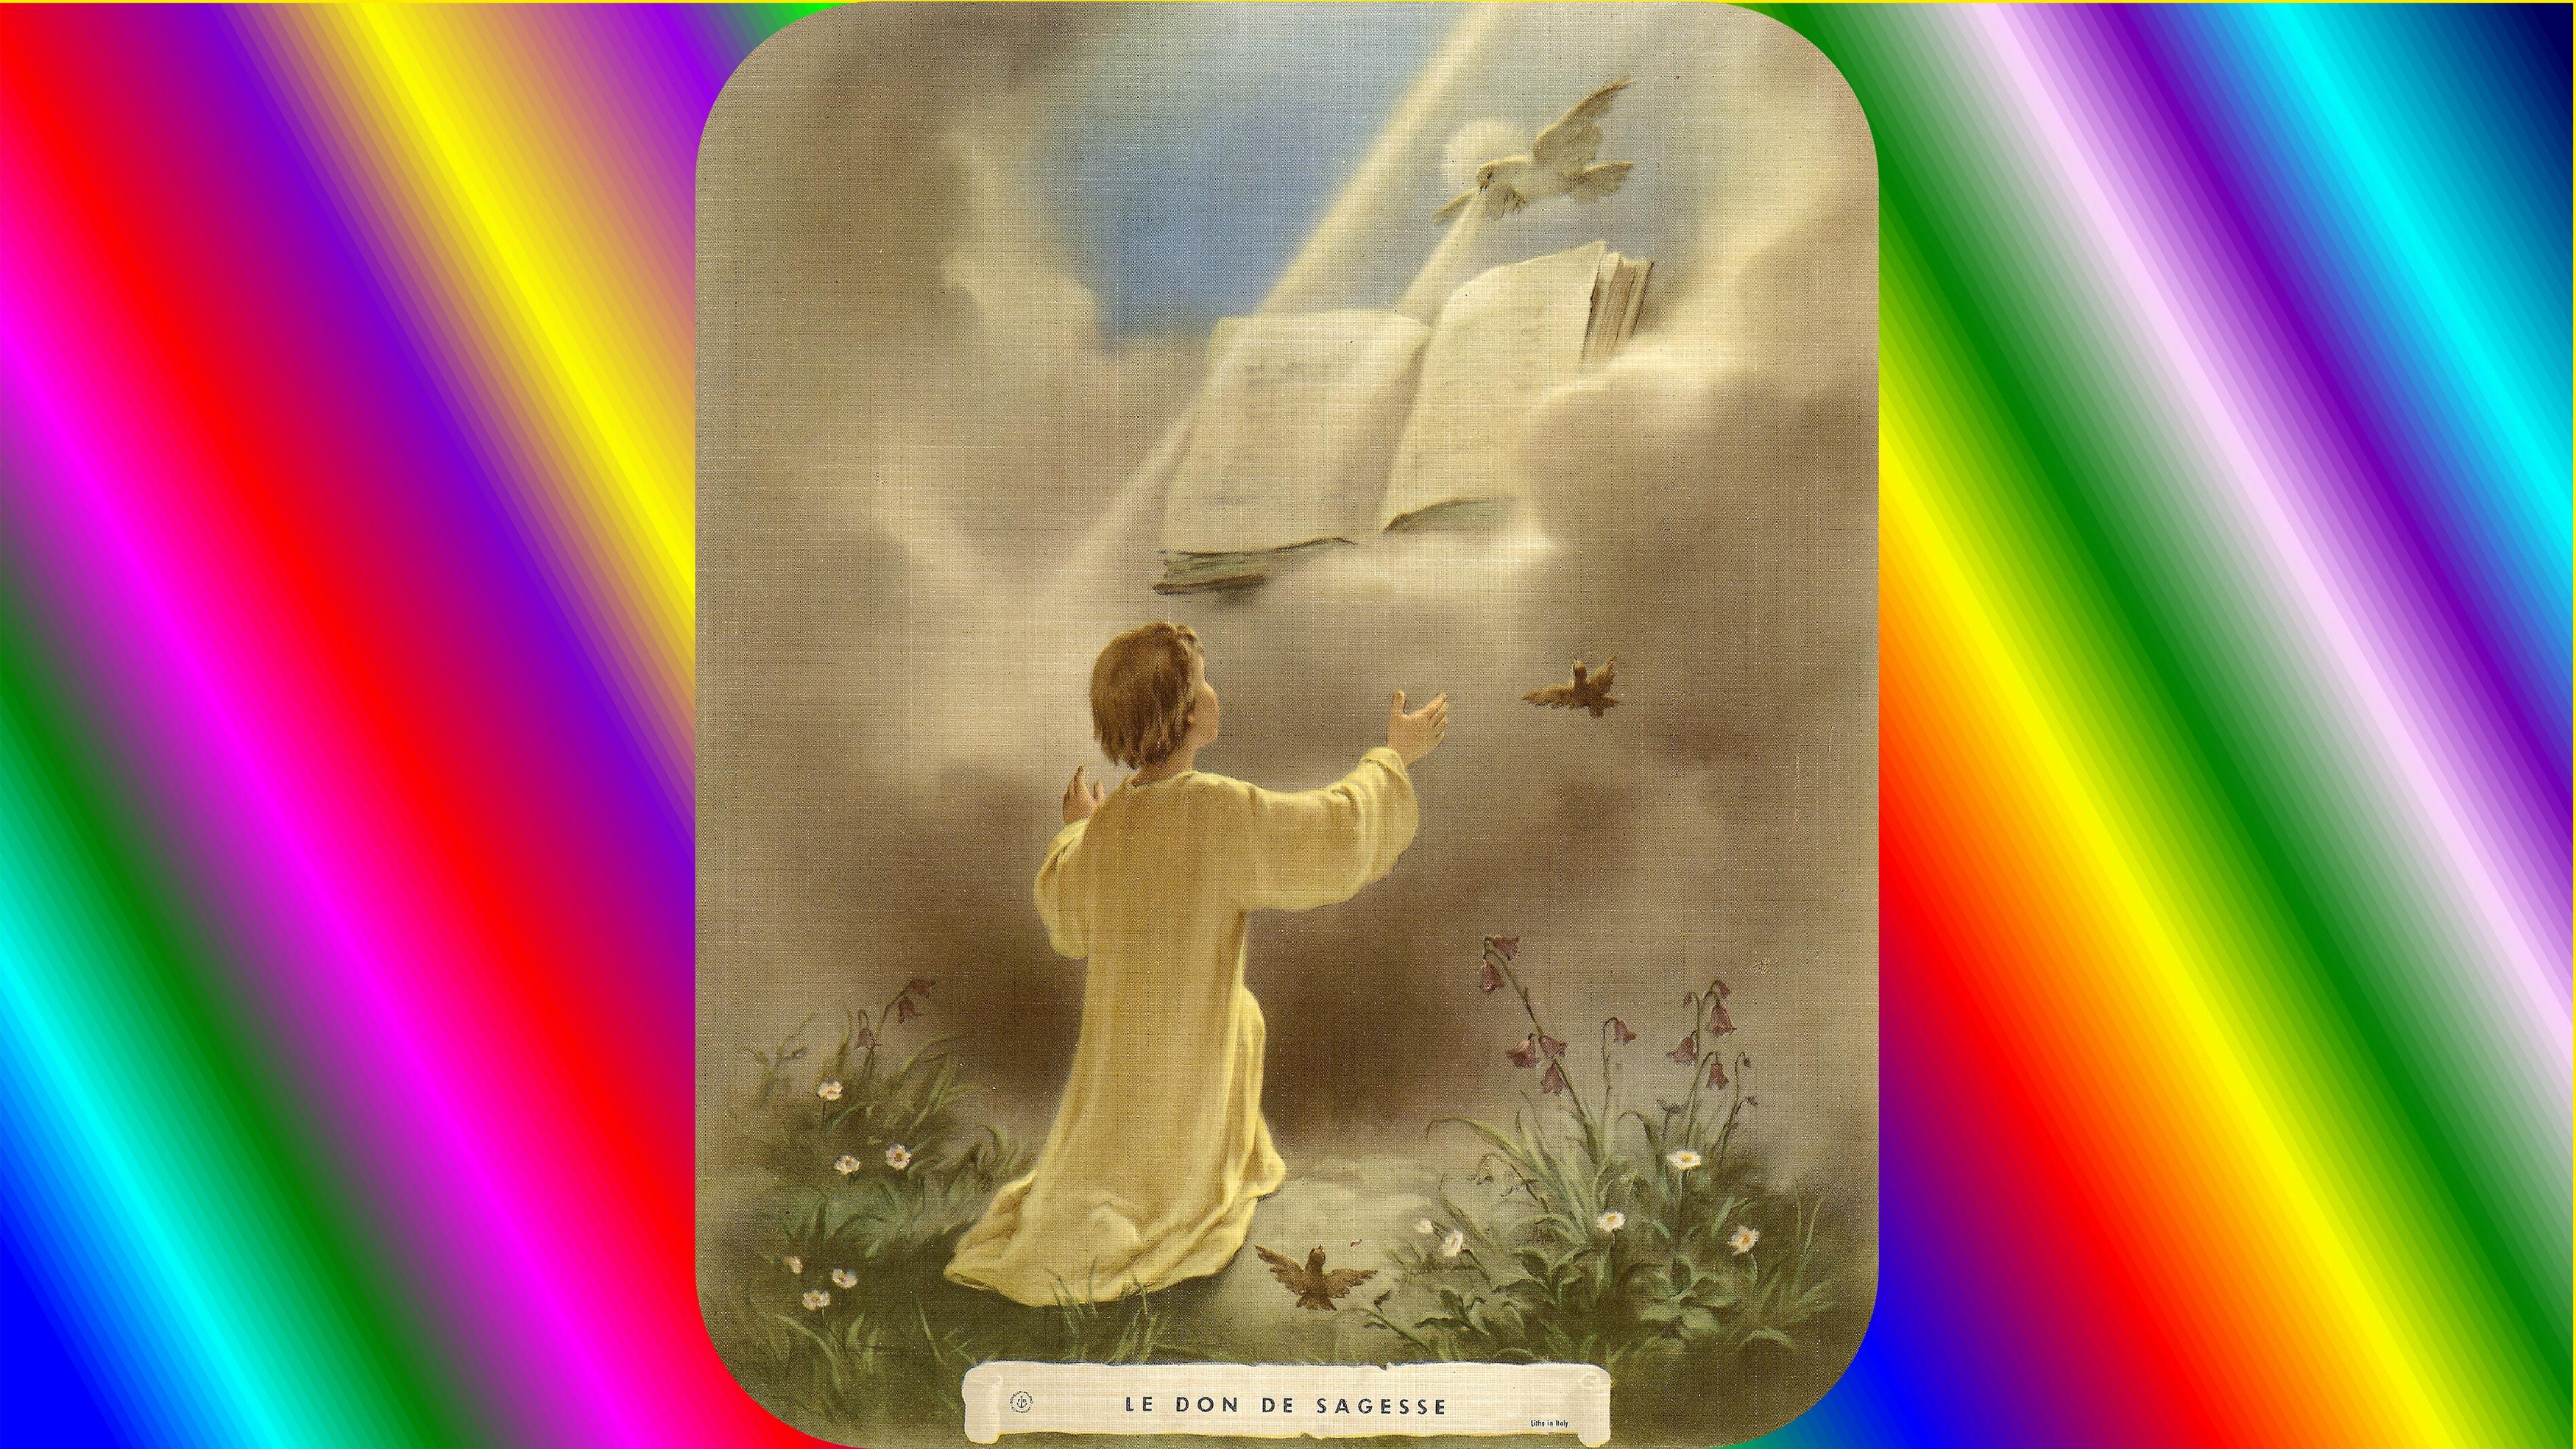 CALENDRIER CATHOLIQUE 2020 (Cantiques, Prières & Images) - Page 16 Les-dons-du-saint...-sagesse-563c26a